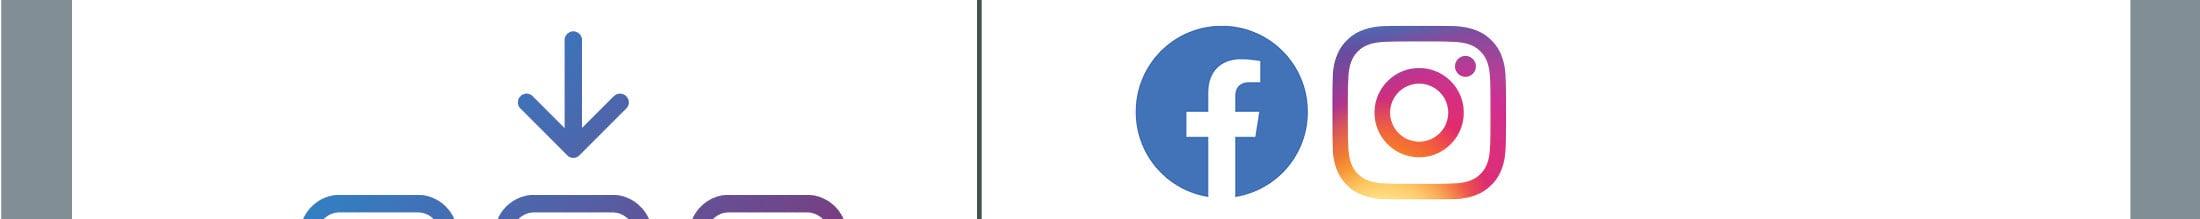 Social Media Adv checklist_7